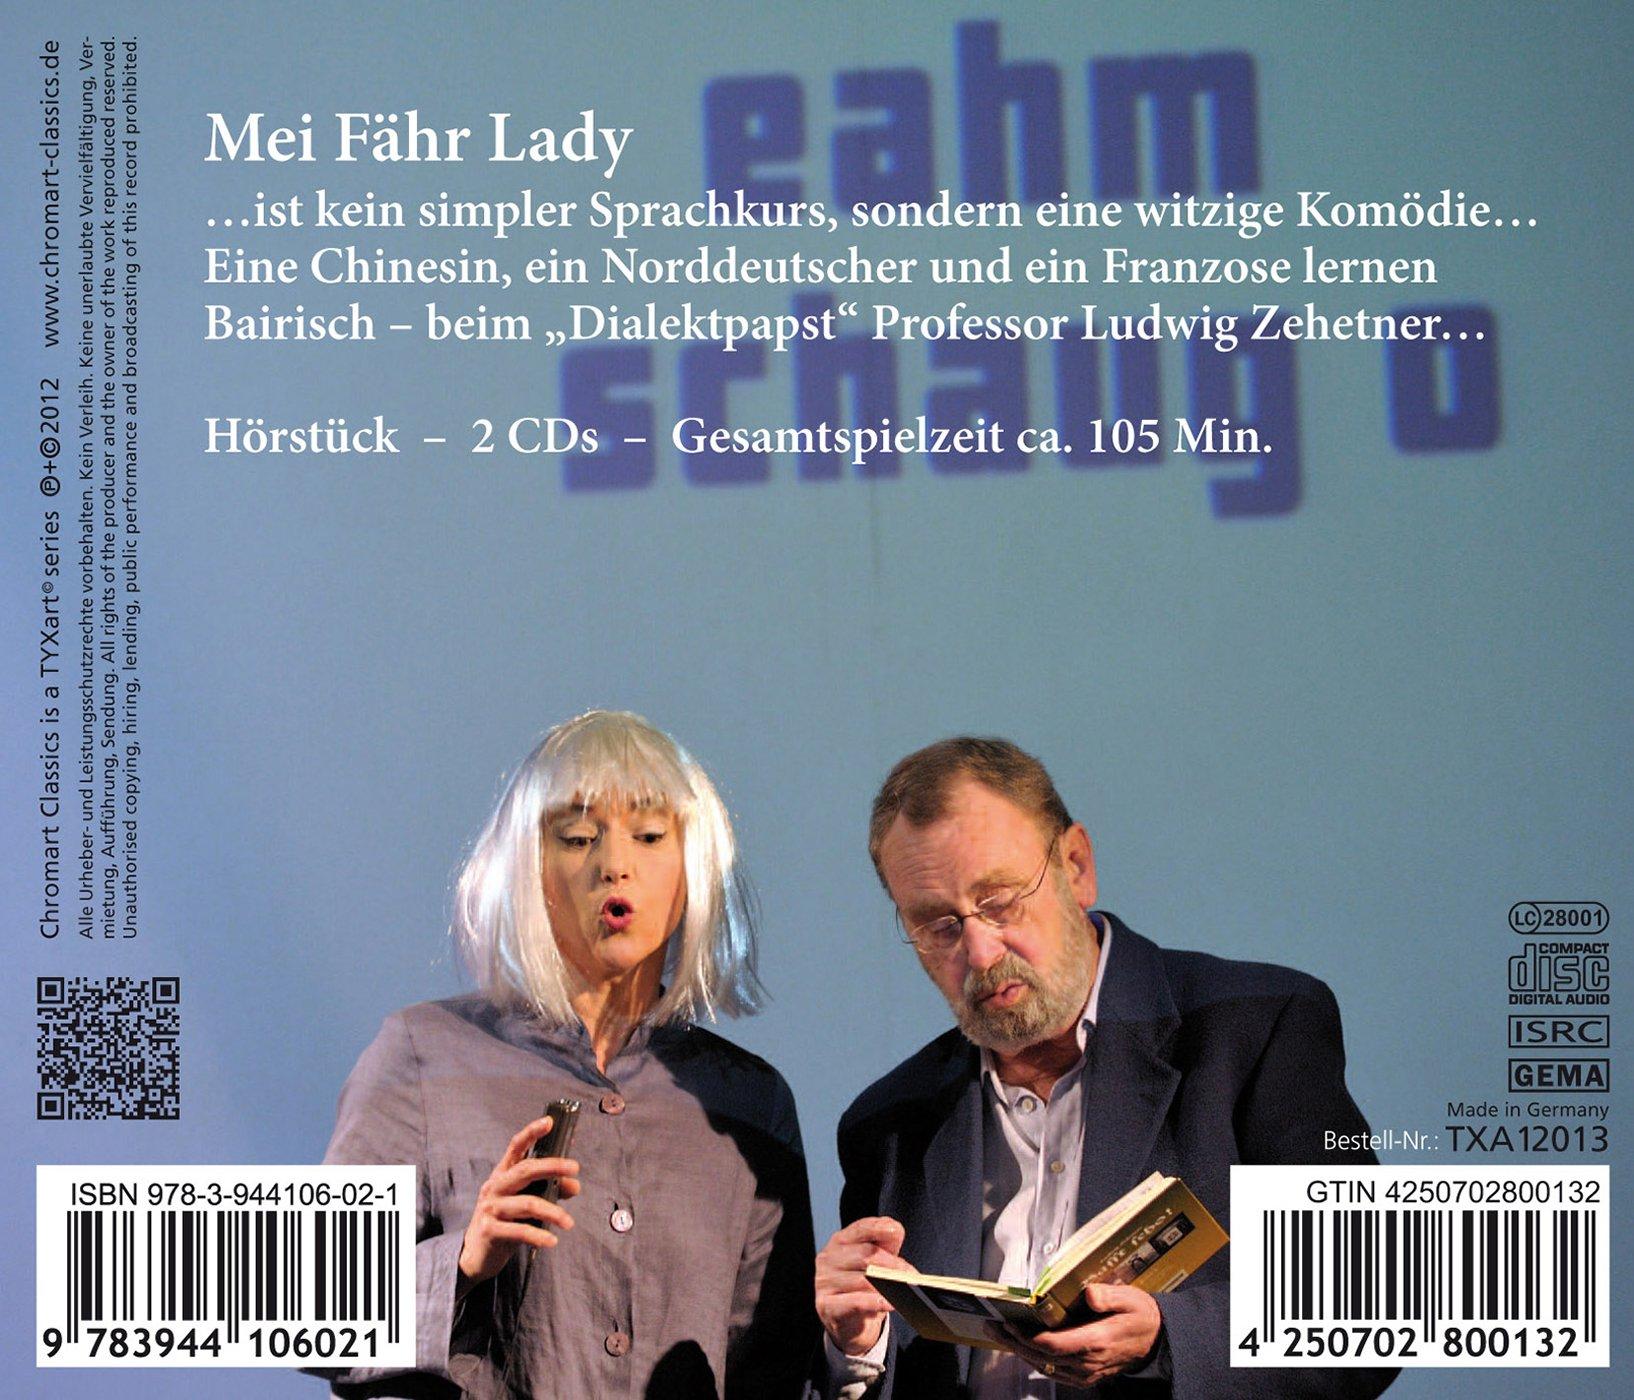 Berlinger: Mei Fahr Lady